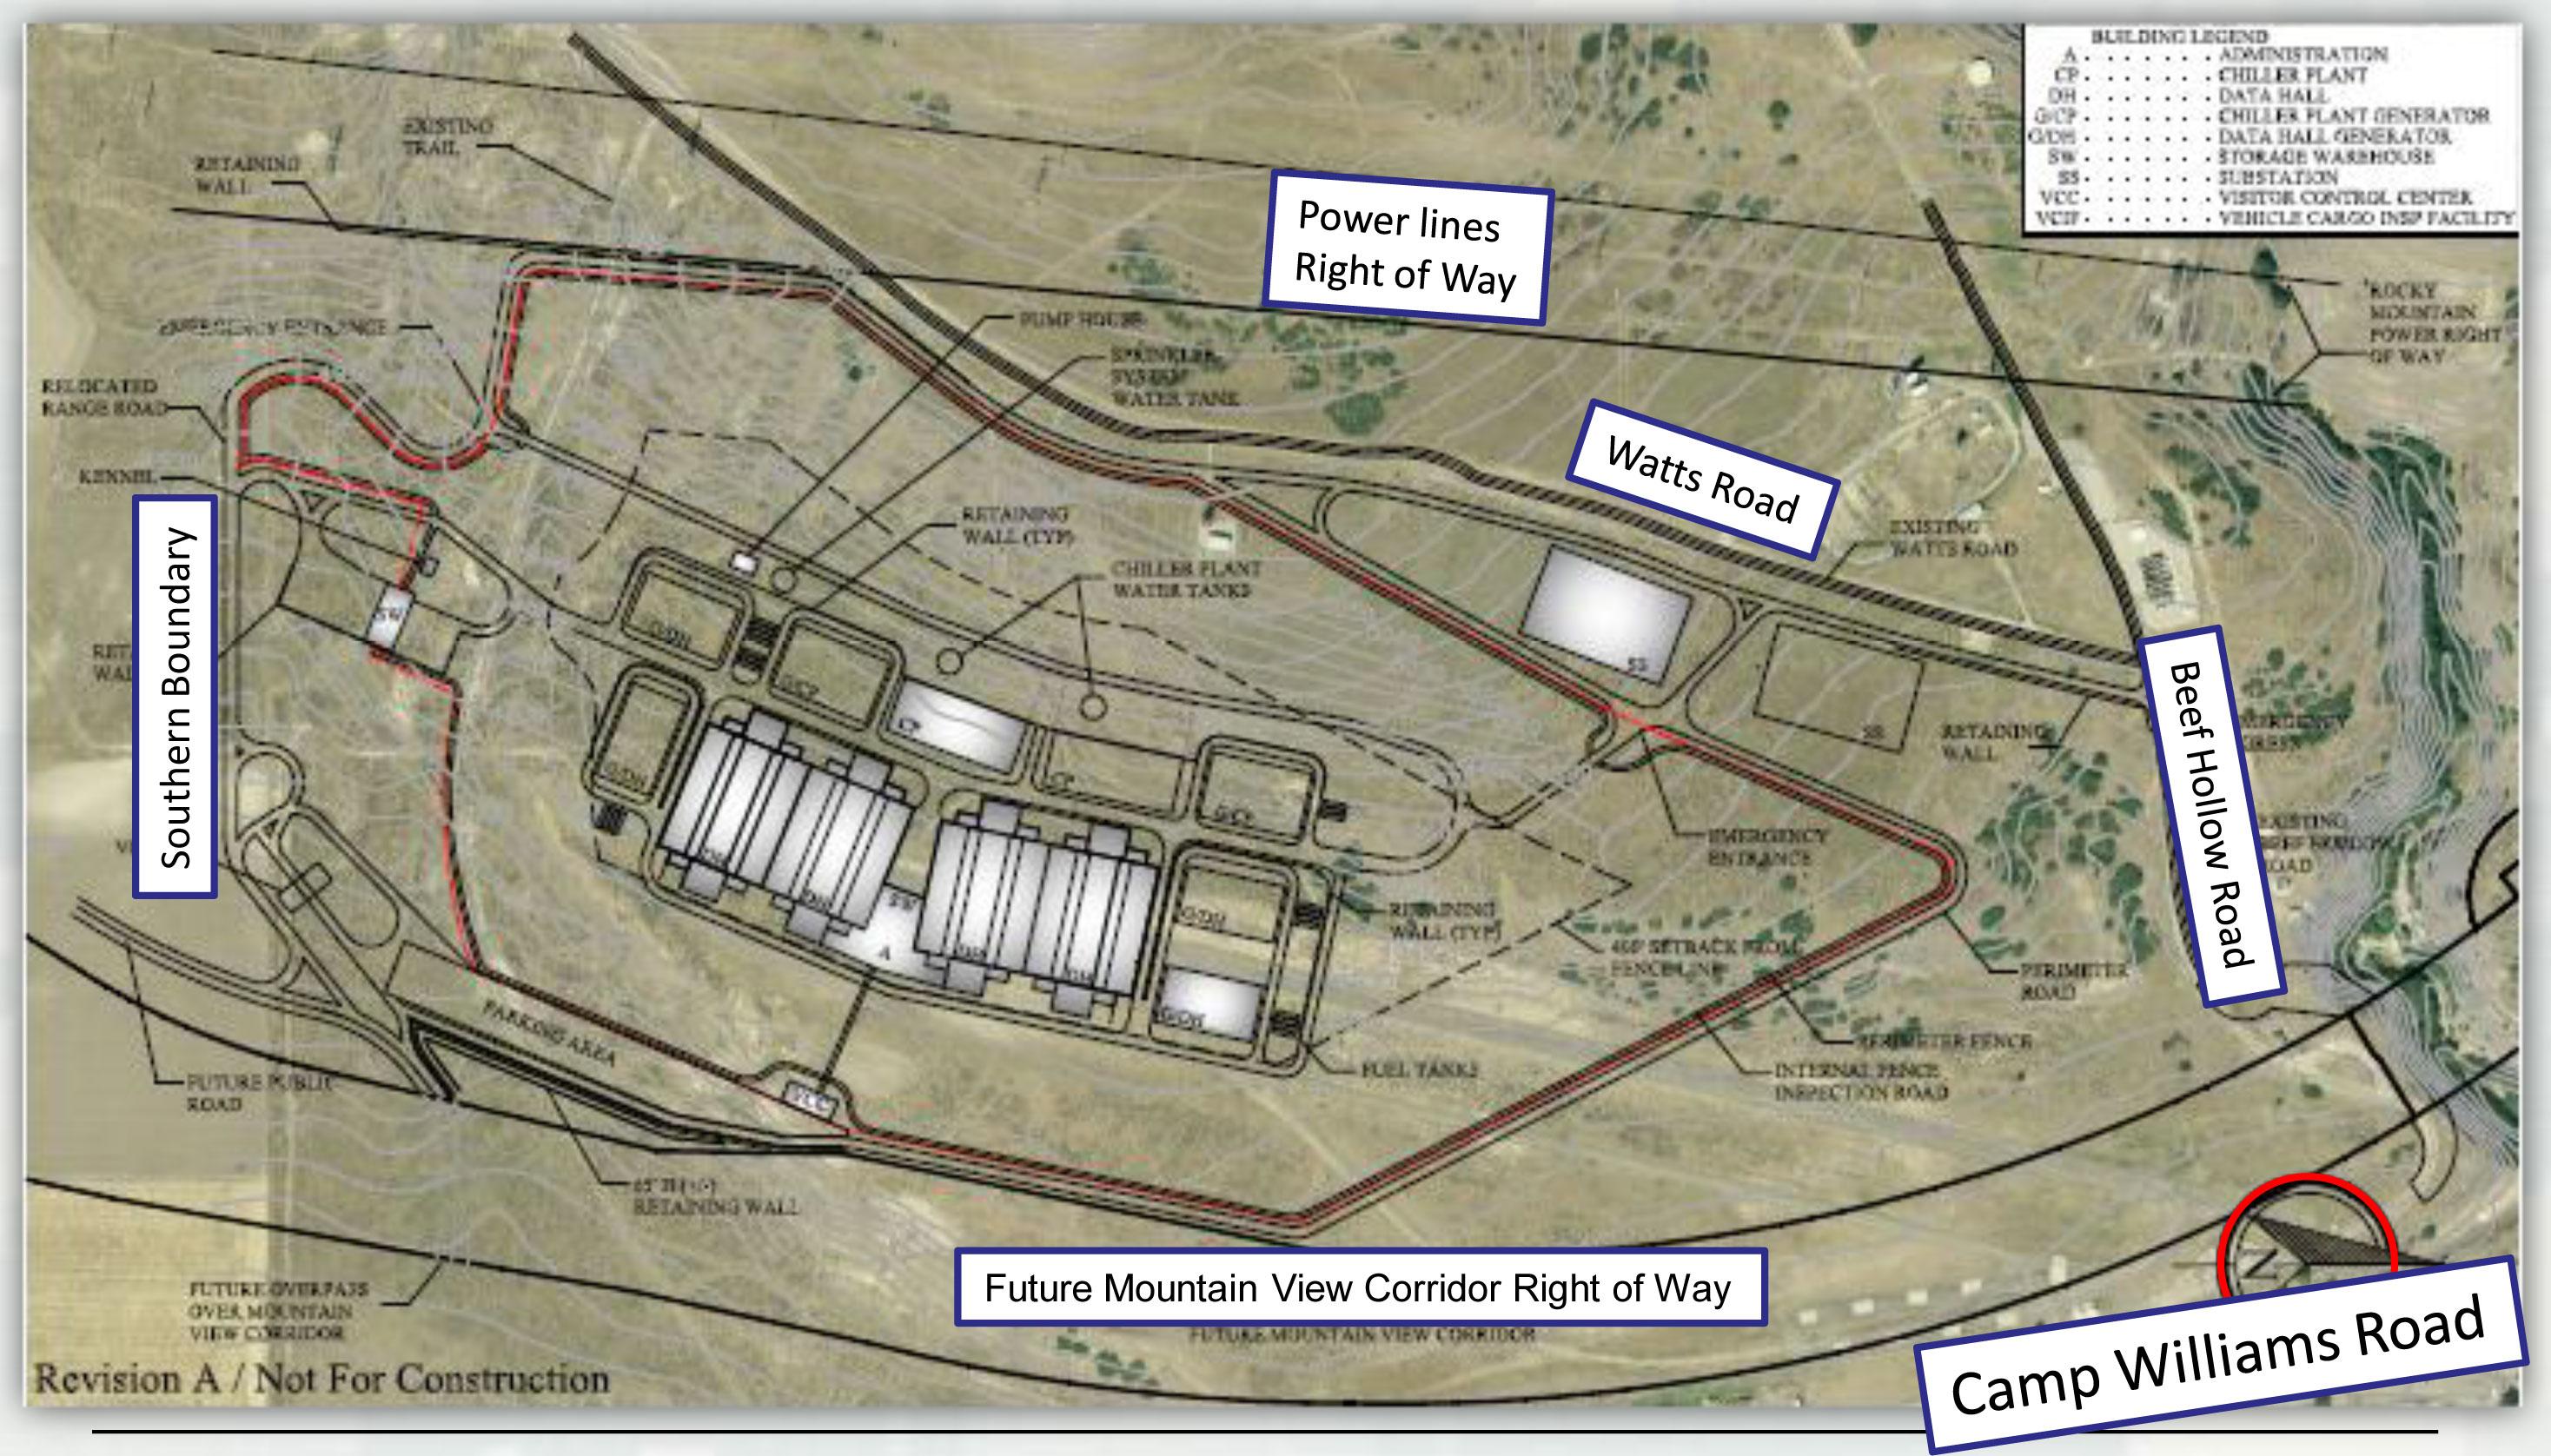 View The Full Size Utah Data Center Site Plan